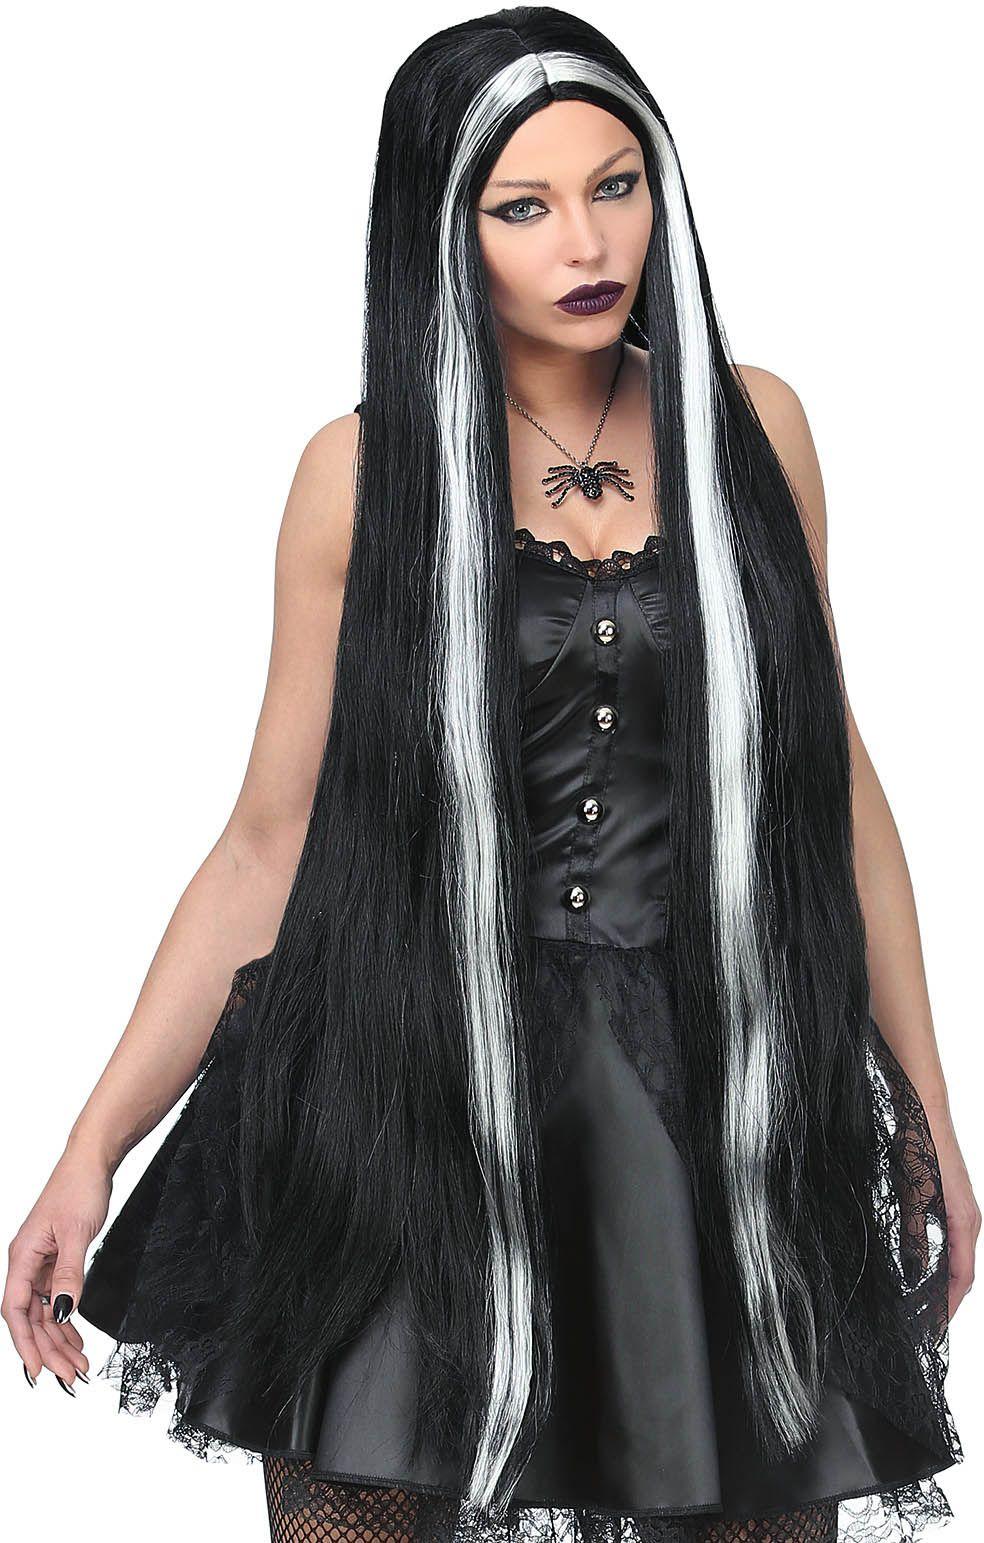 Lange heksen pruik zwart vrouwen